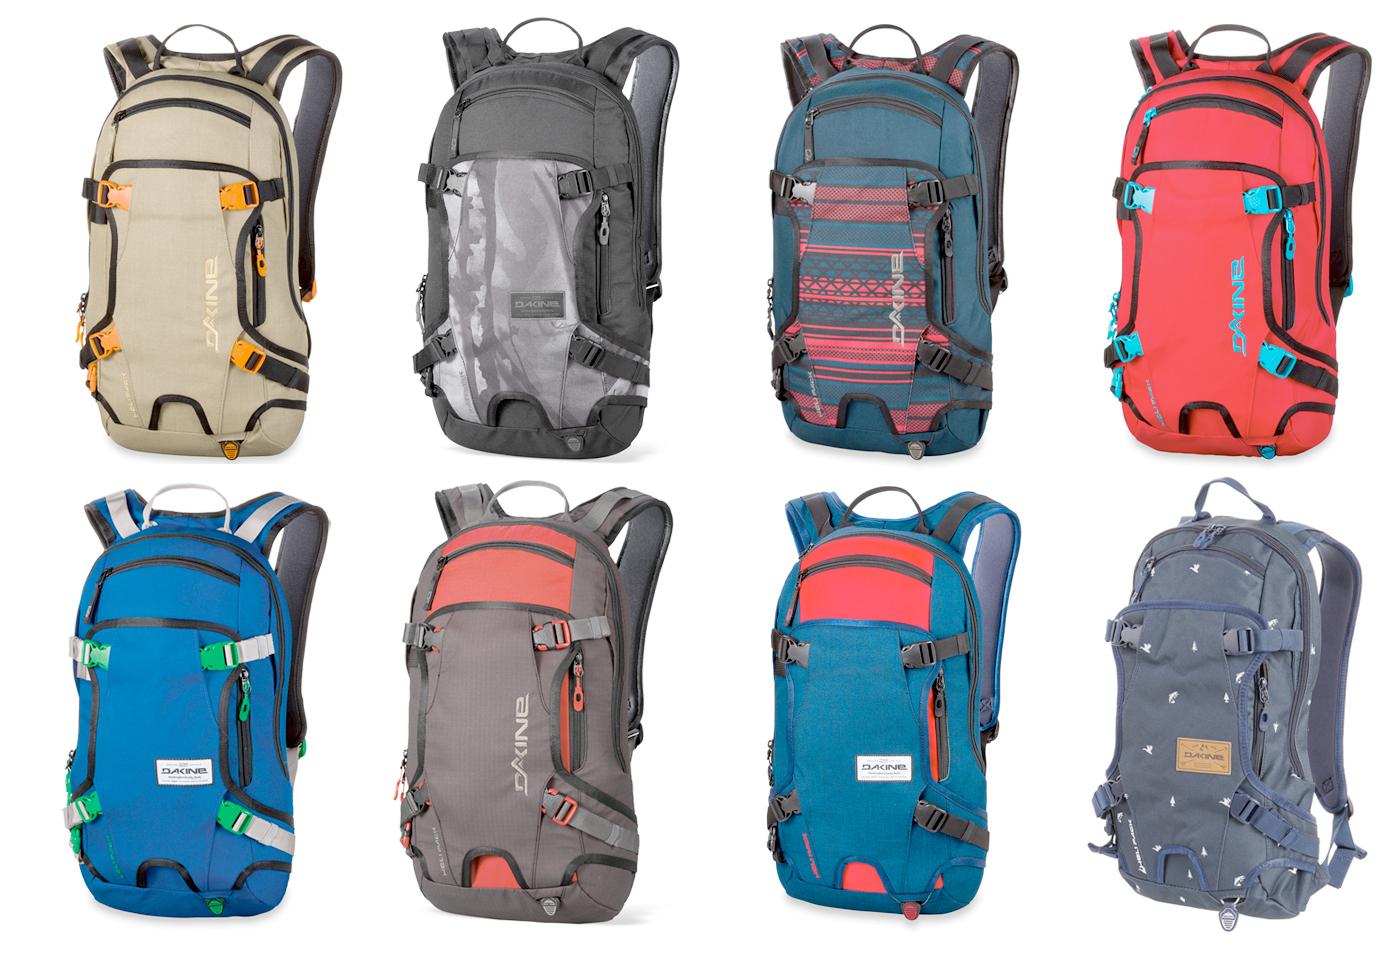 dakine heli pack 11l backpack Backpack Tools